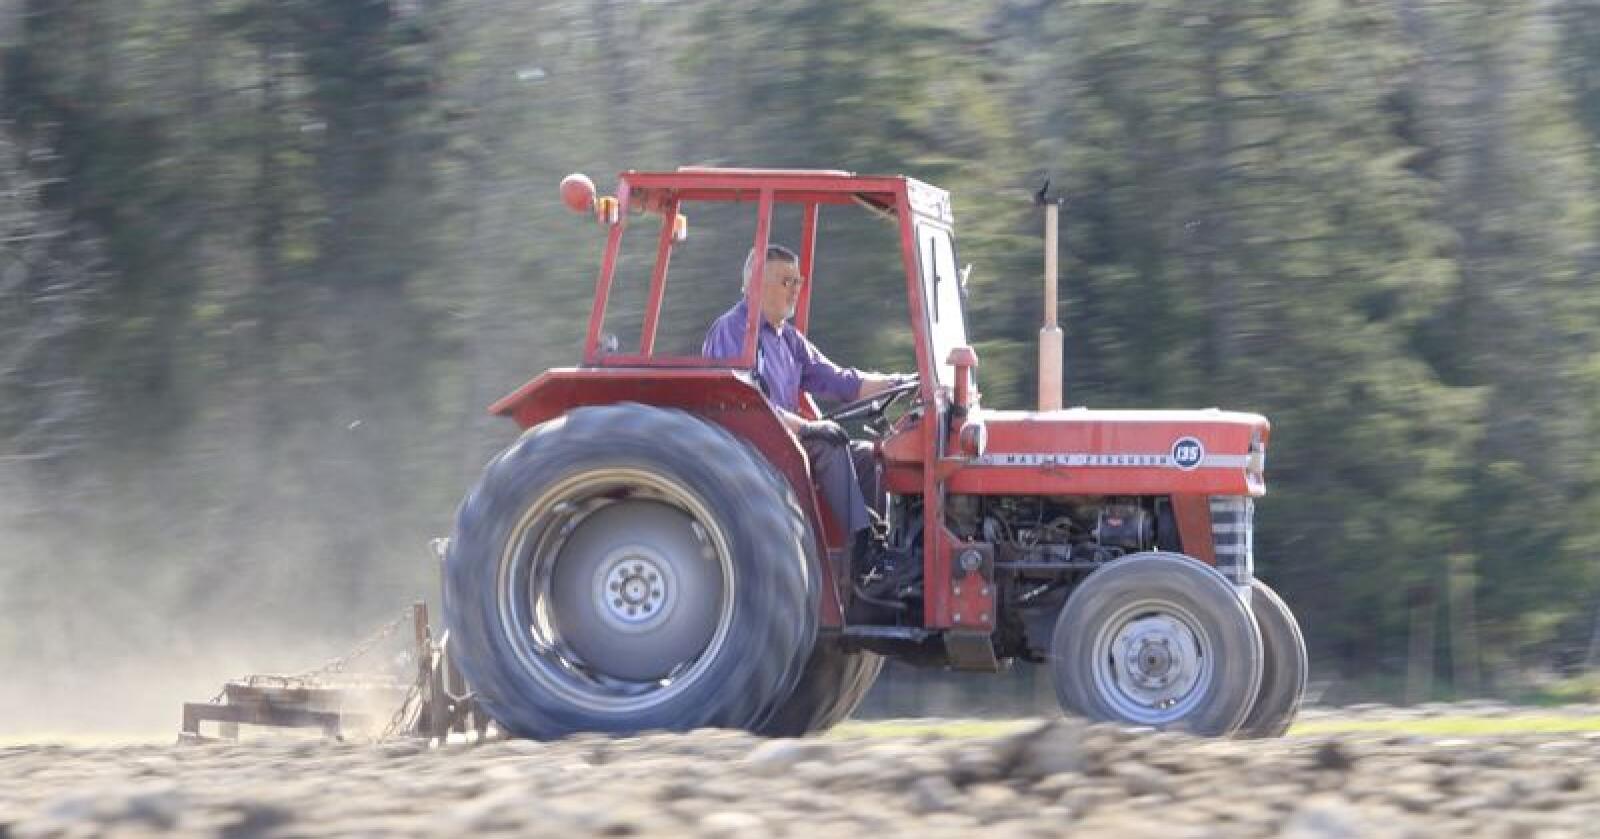 Kjell Mangerud i kjent stil på en gammel og antakeligvis billig traktor